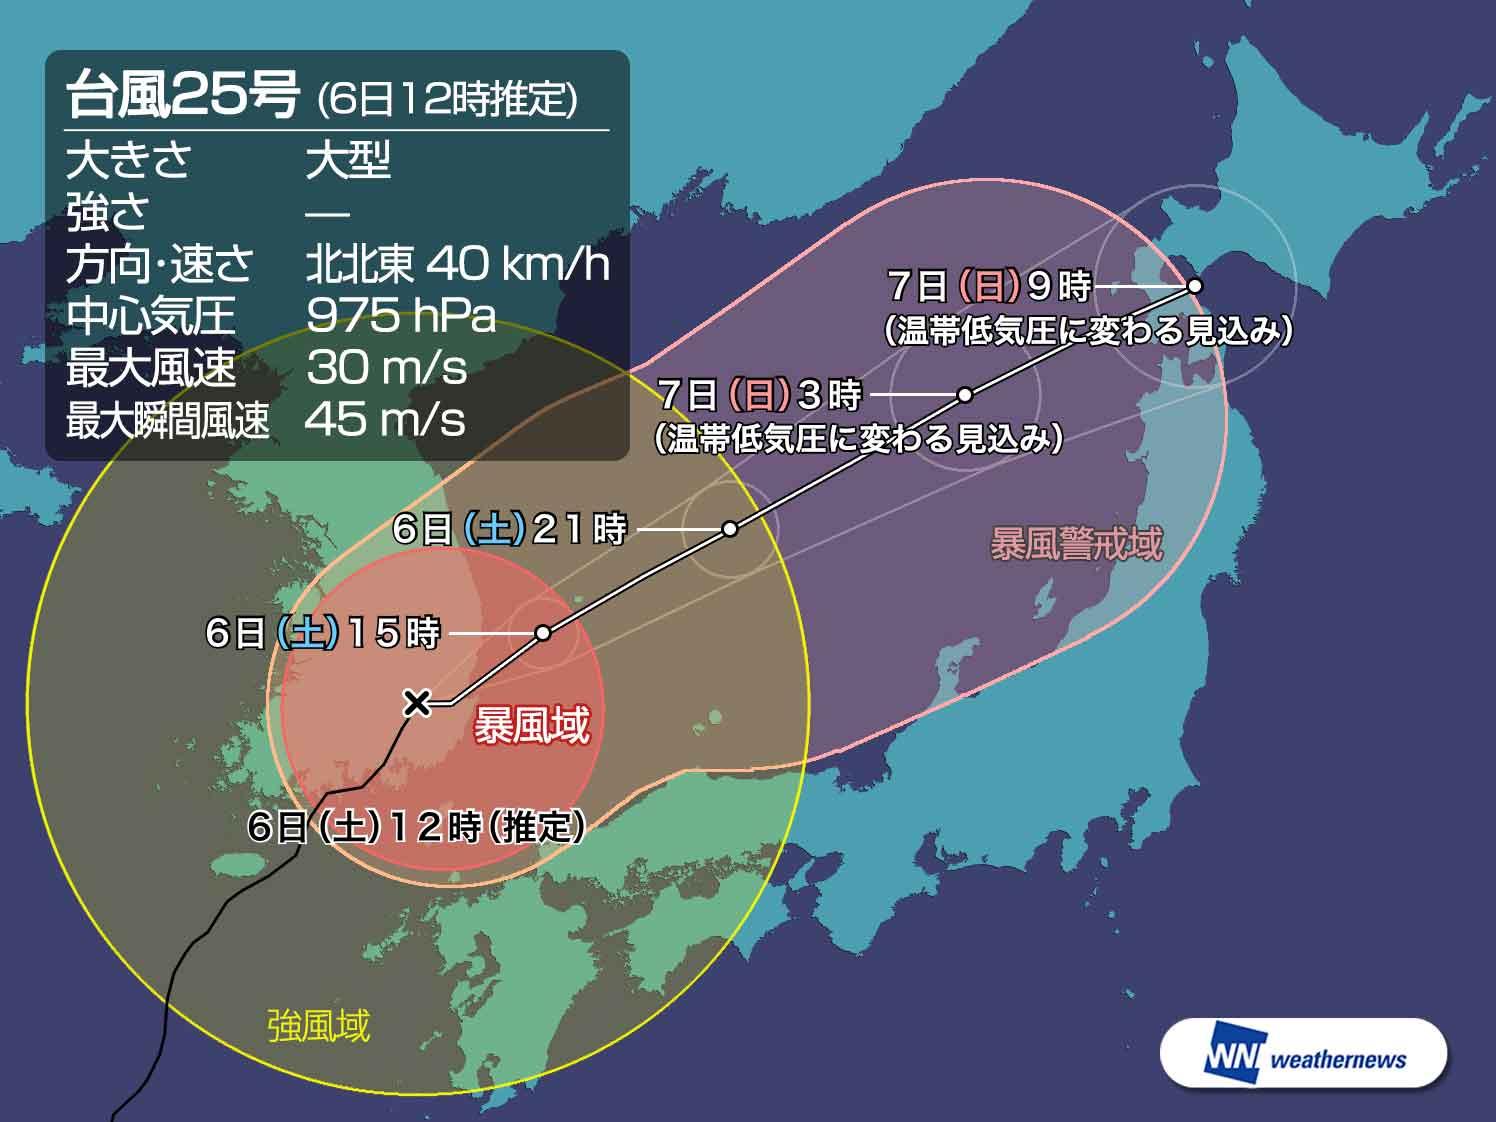 台風25号の影響で気温上昇 全国102地点が真夏日に(正午現在)日本では季節外れの暑さに西日本では強風に注意韓国南部では大雨に警戒台風の名前参考資料など